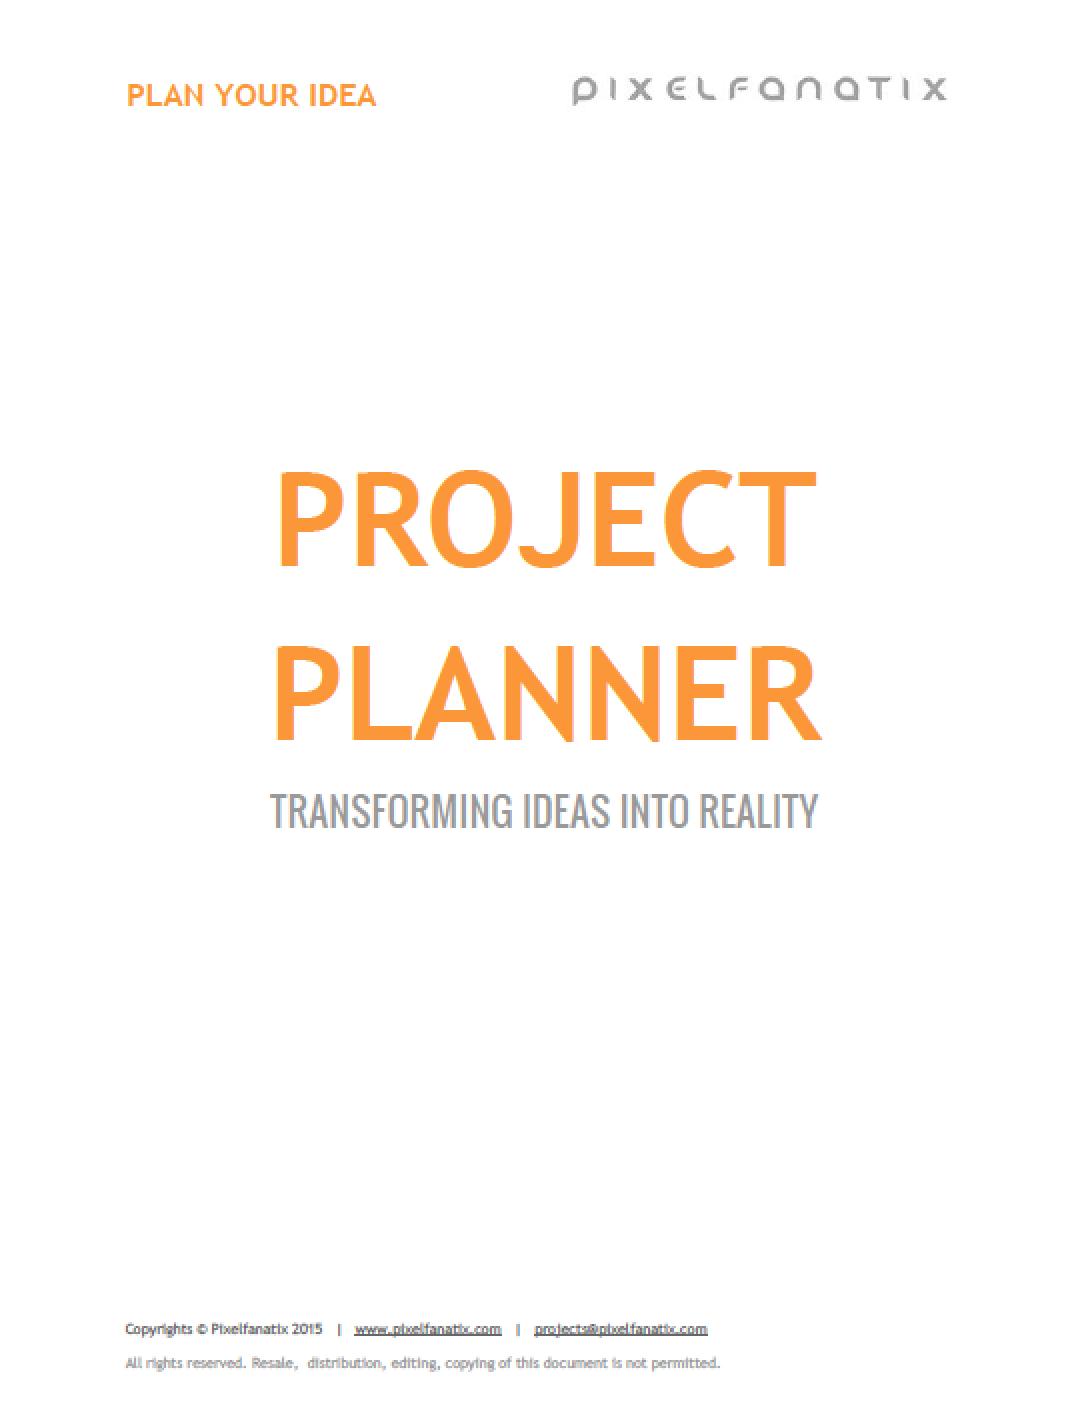 project planner level 2 pixelfanatix website design